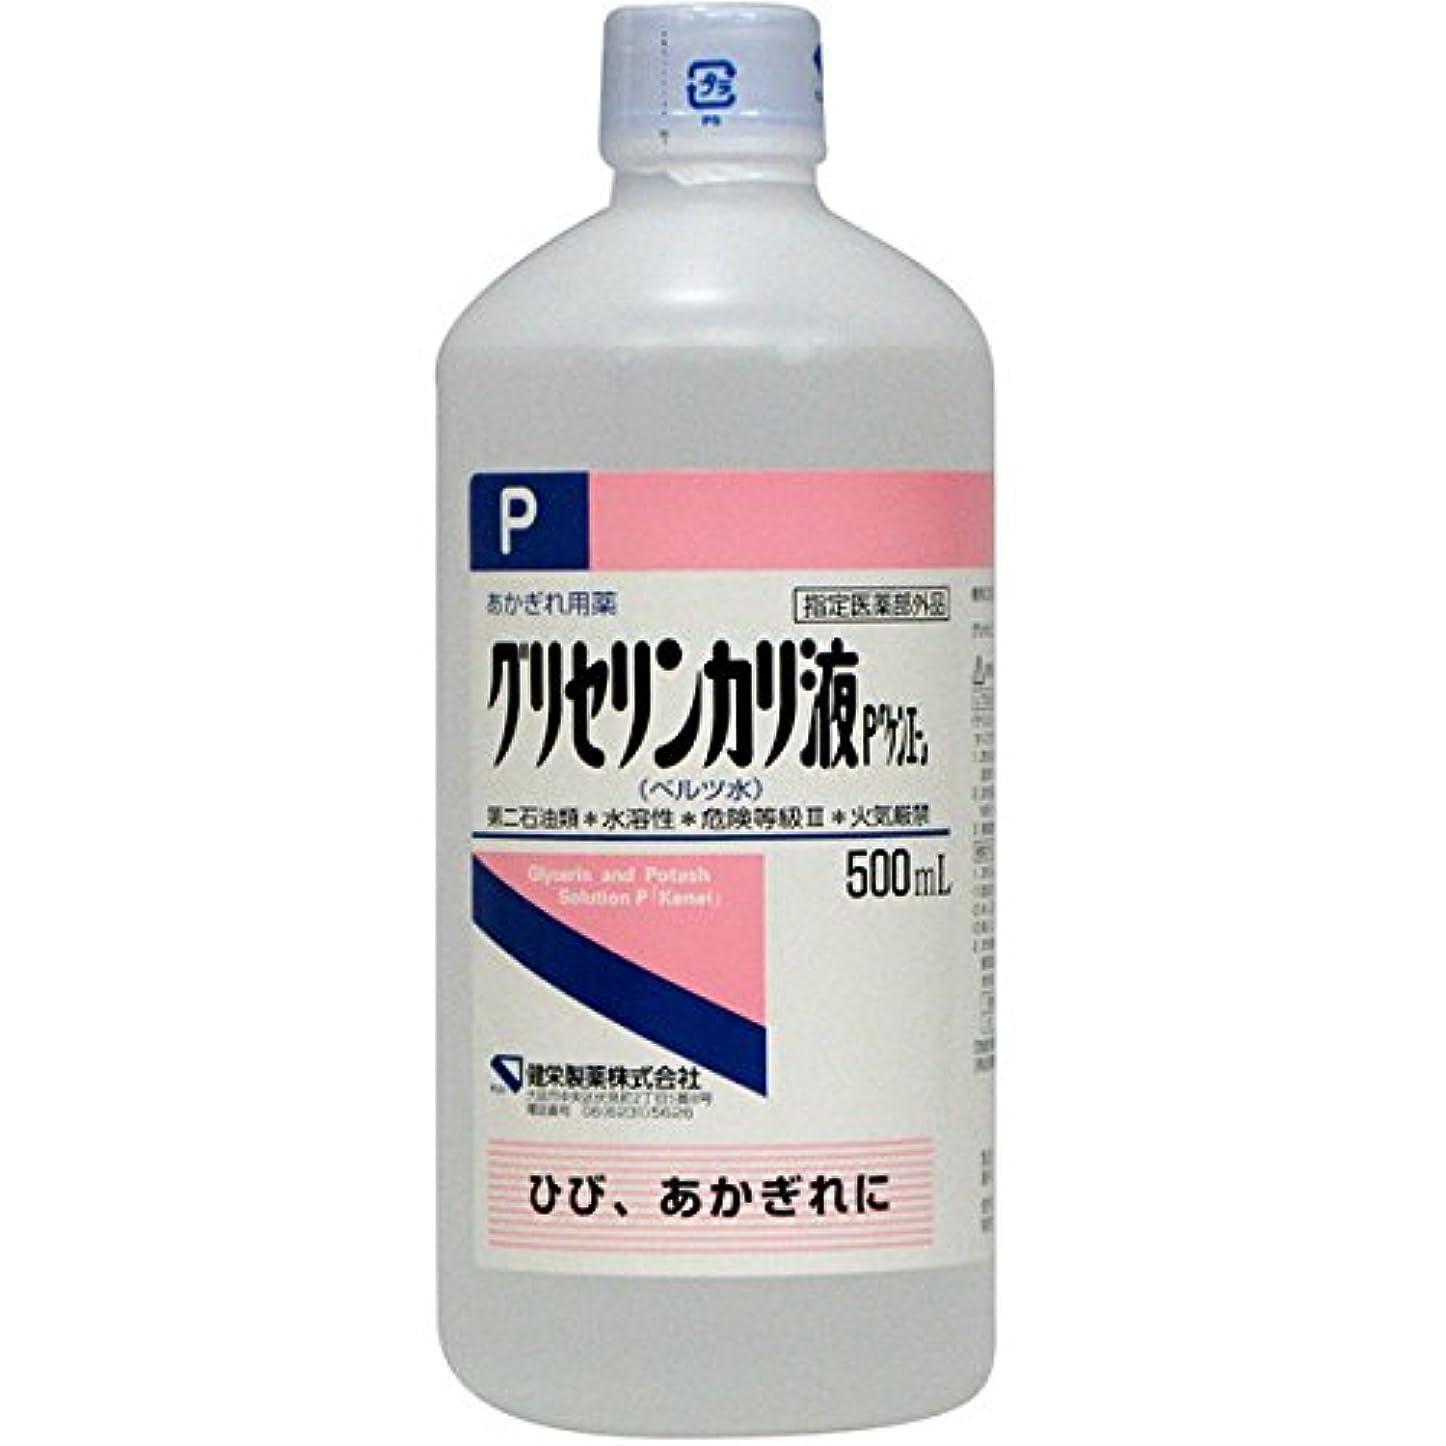 バター交換可能位置する健栄製薬 グリセリンカリ液 ベルツ水 500ml